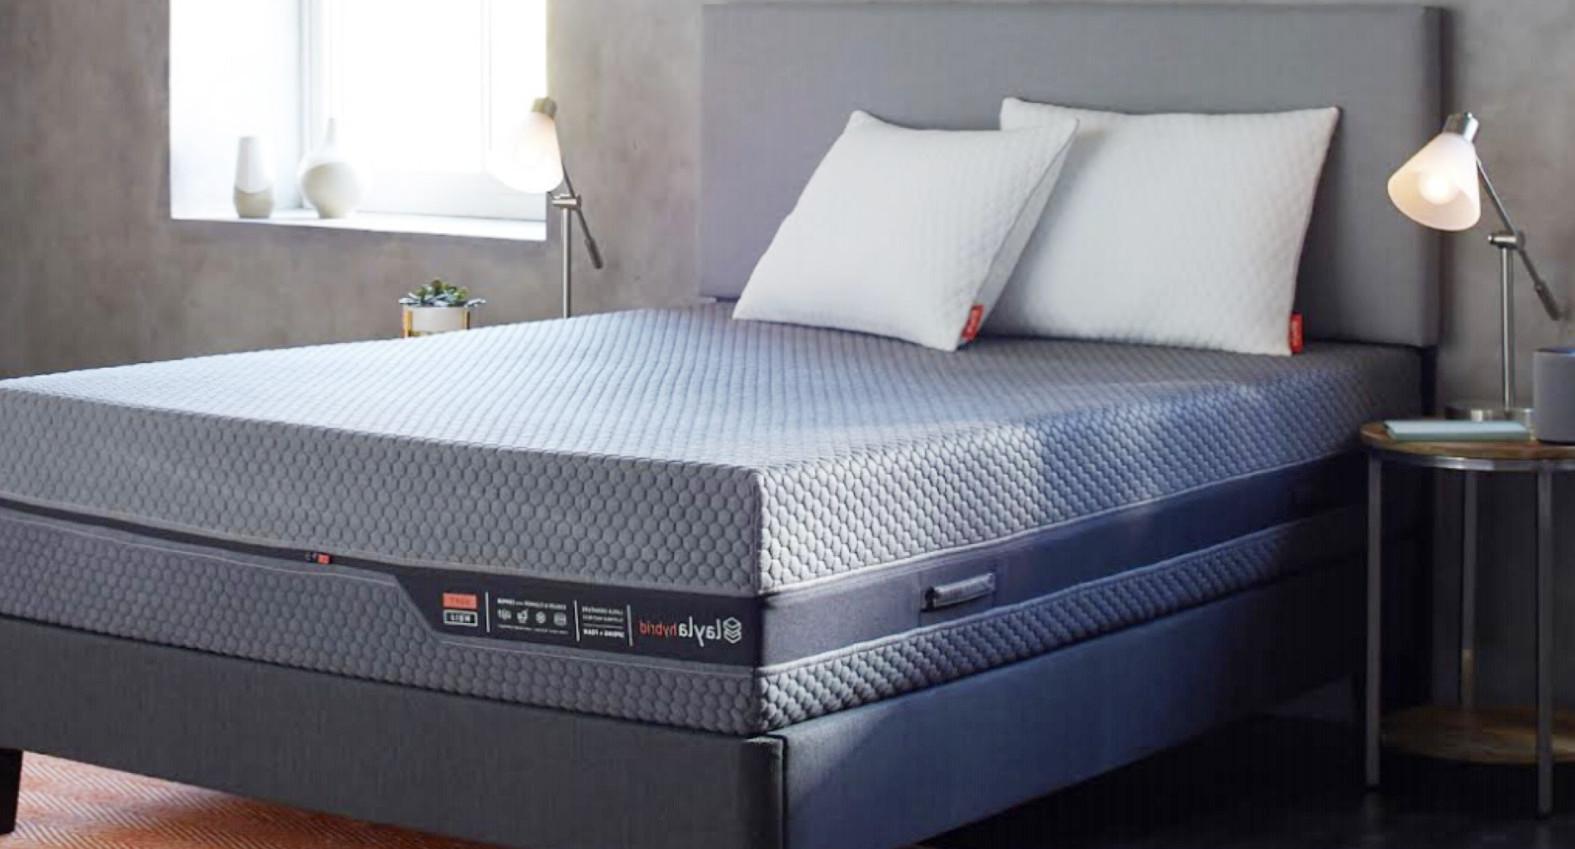 new layla mattress hybrid